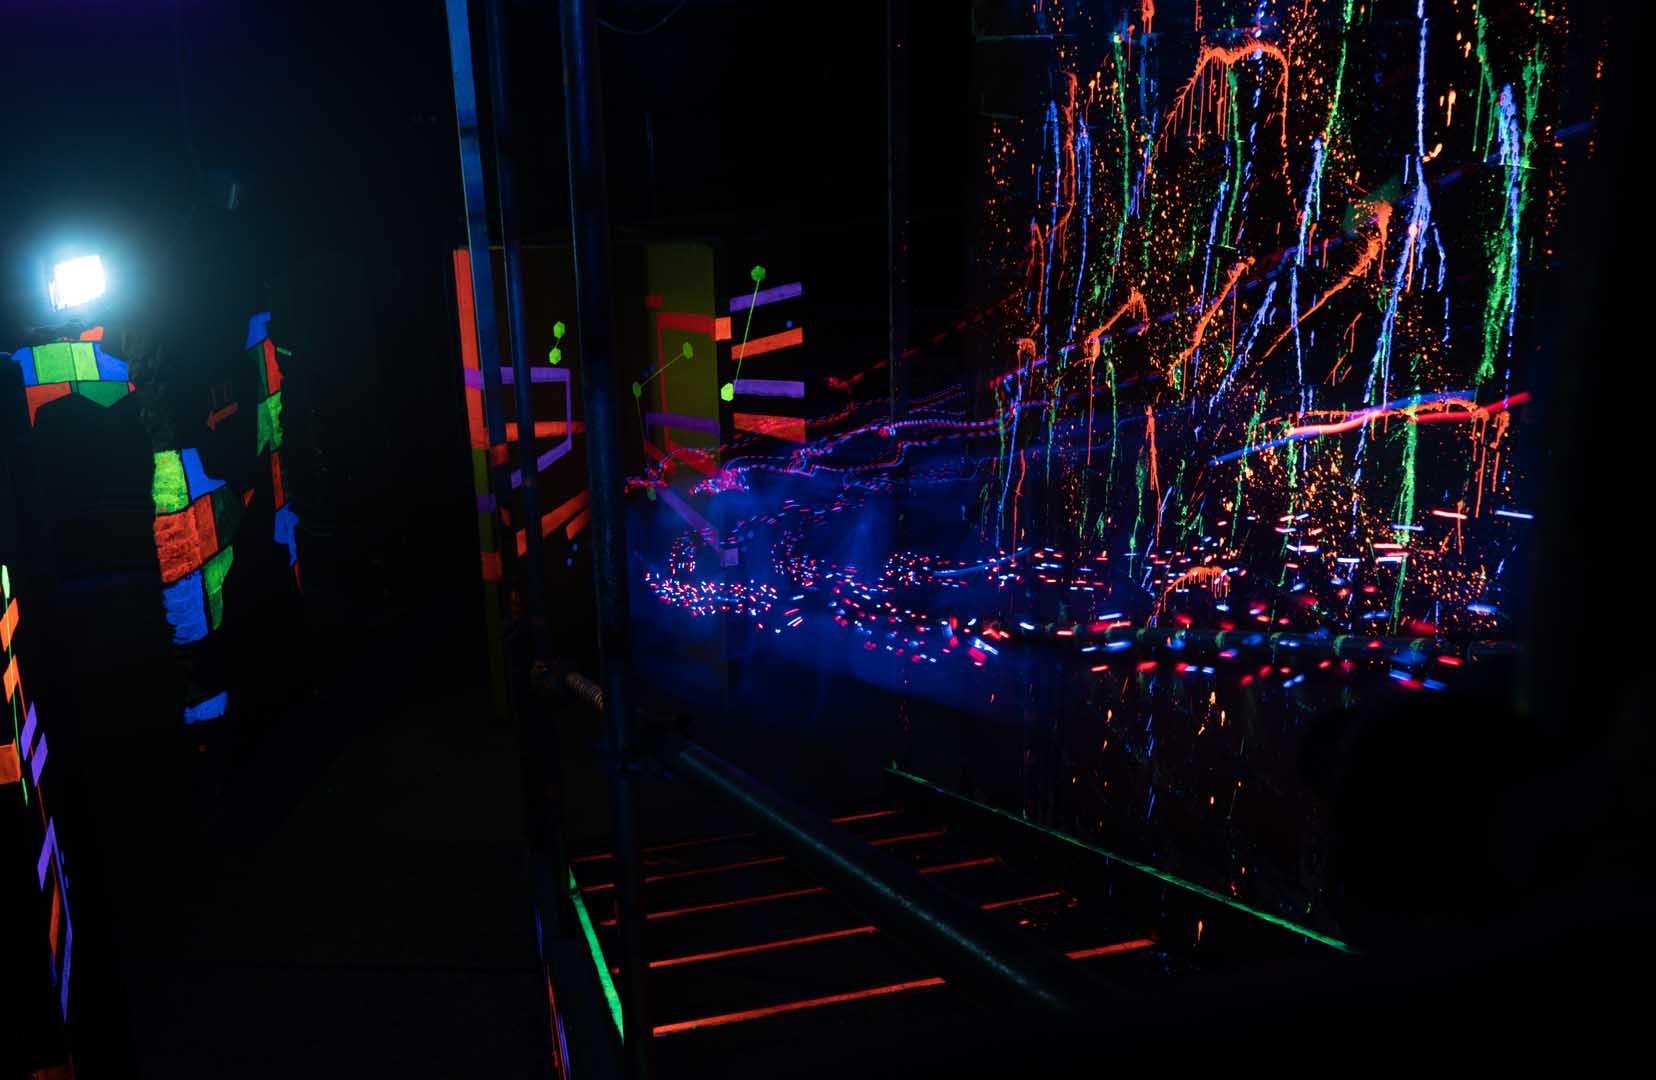 Laserquest arena 1